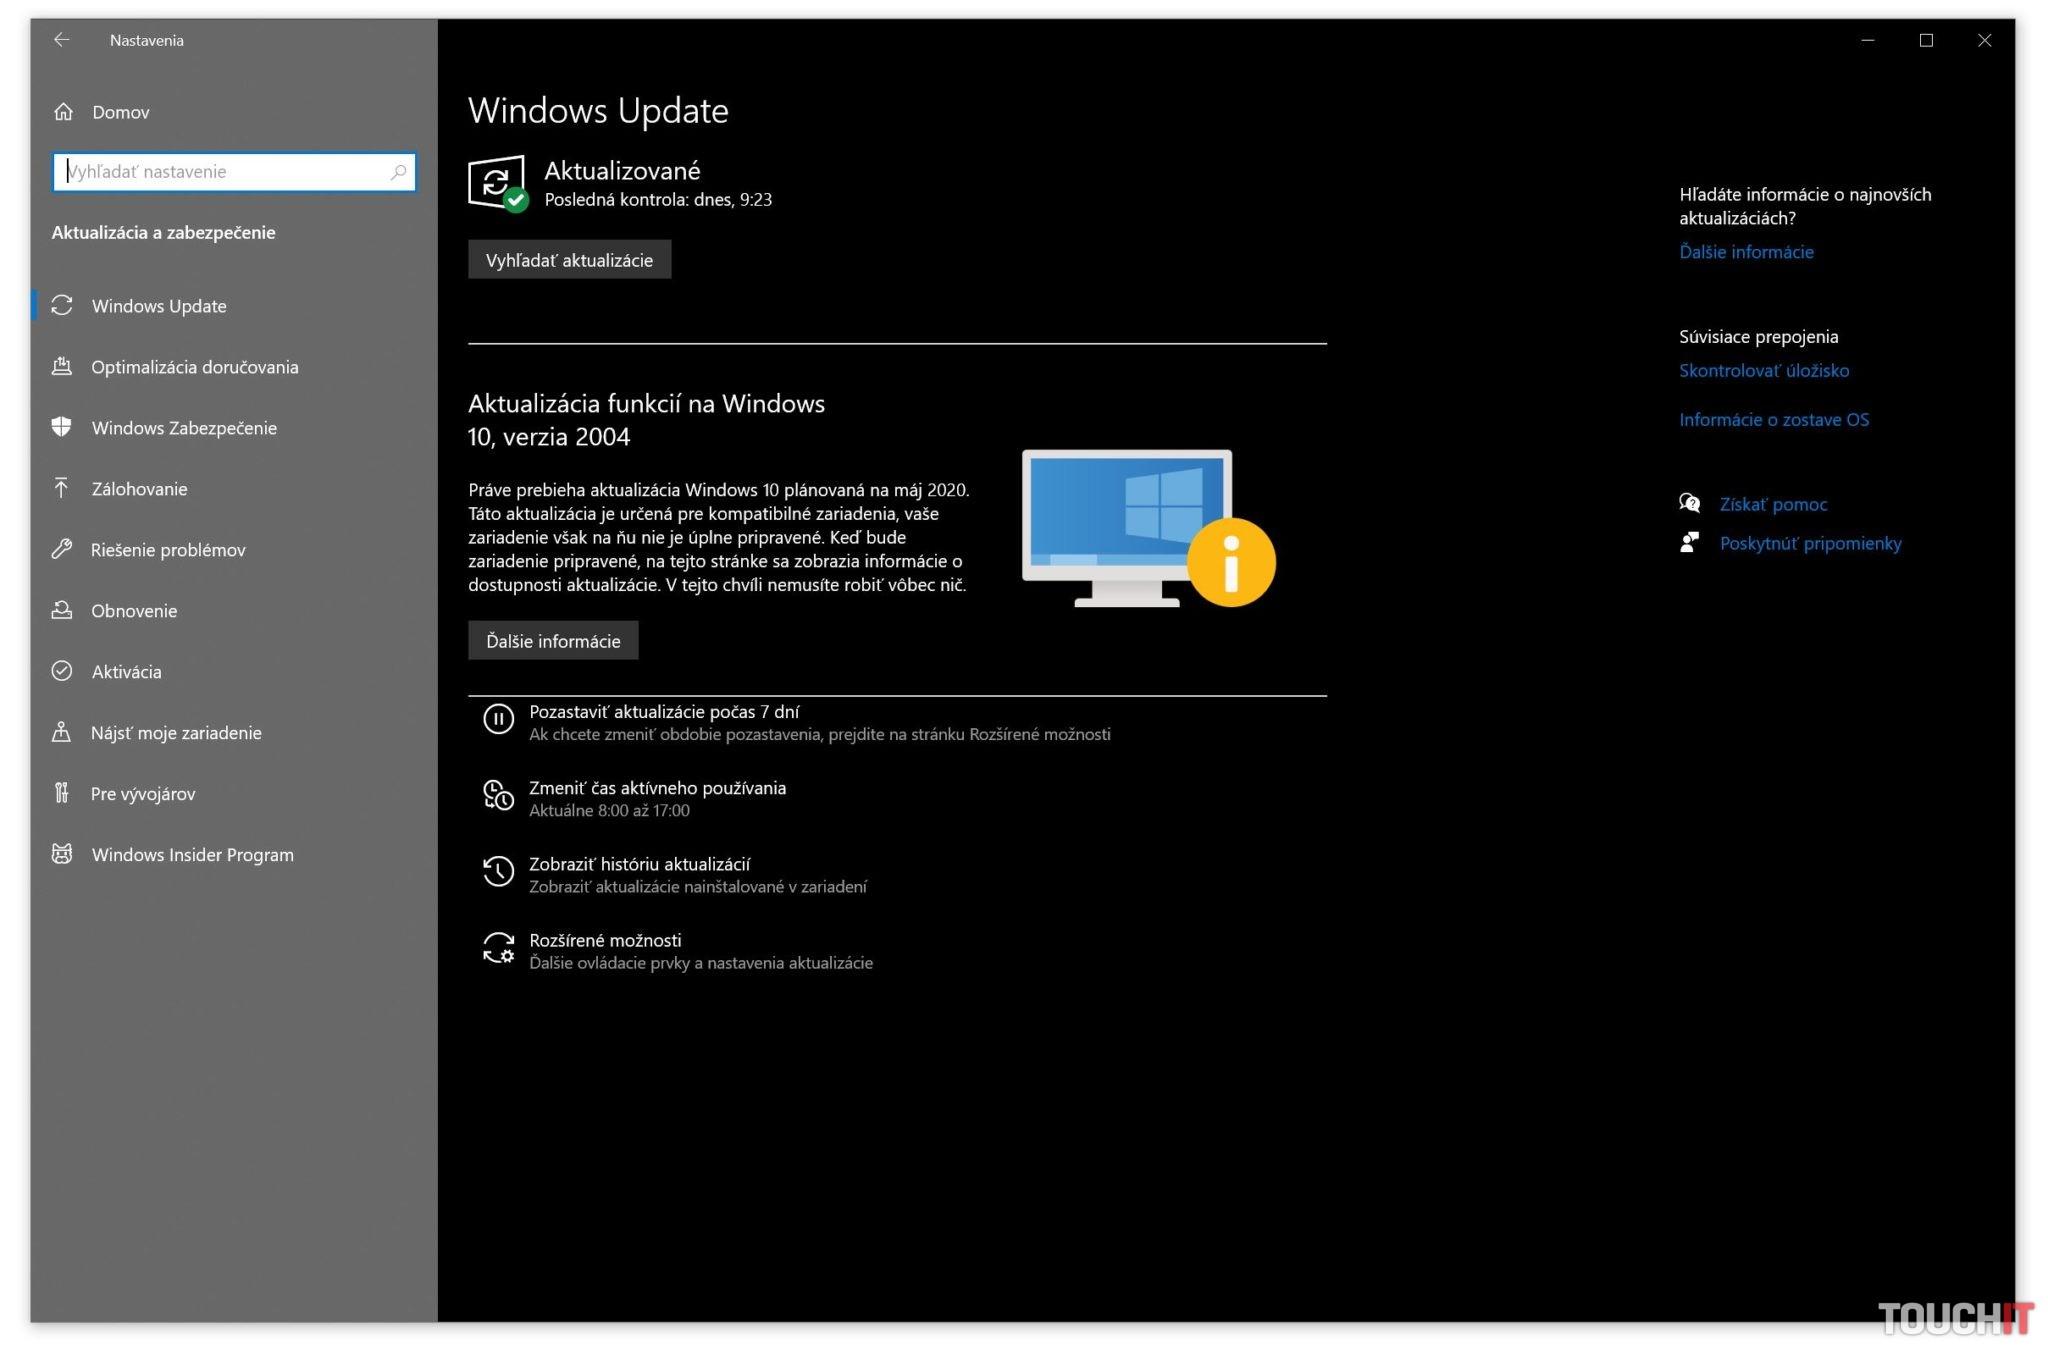 Windows 10 májová aktualizácia 2020